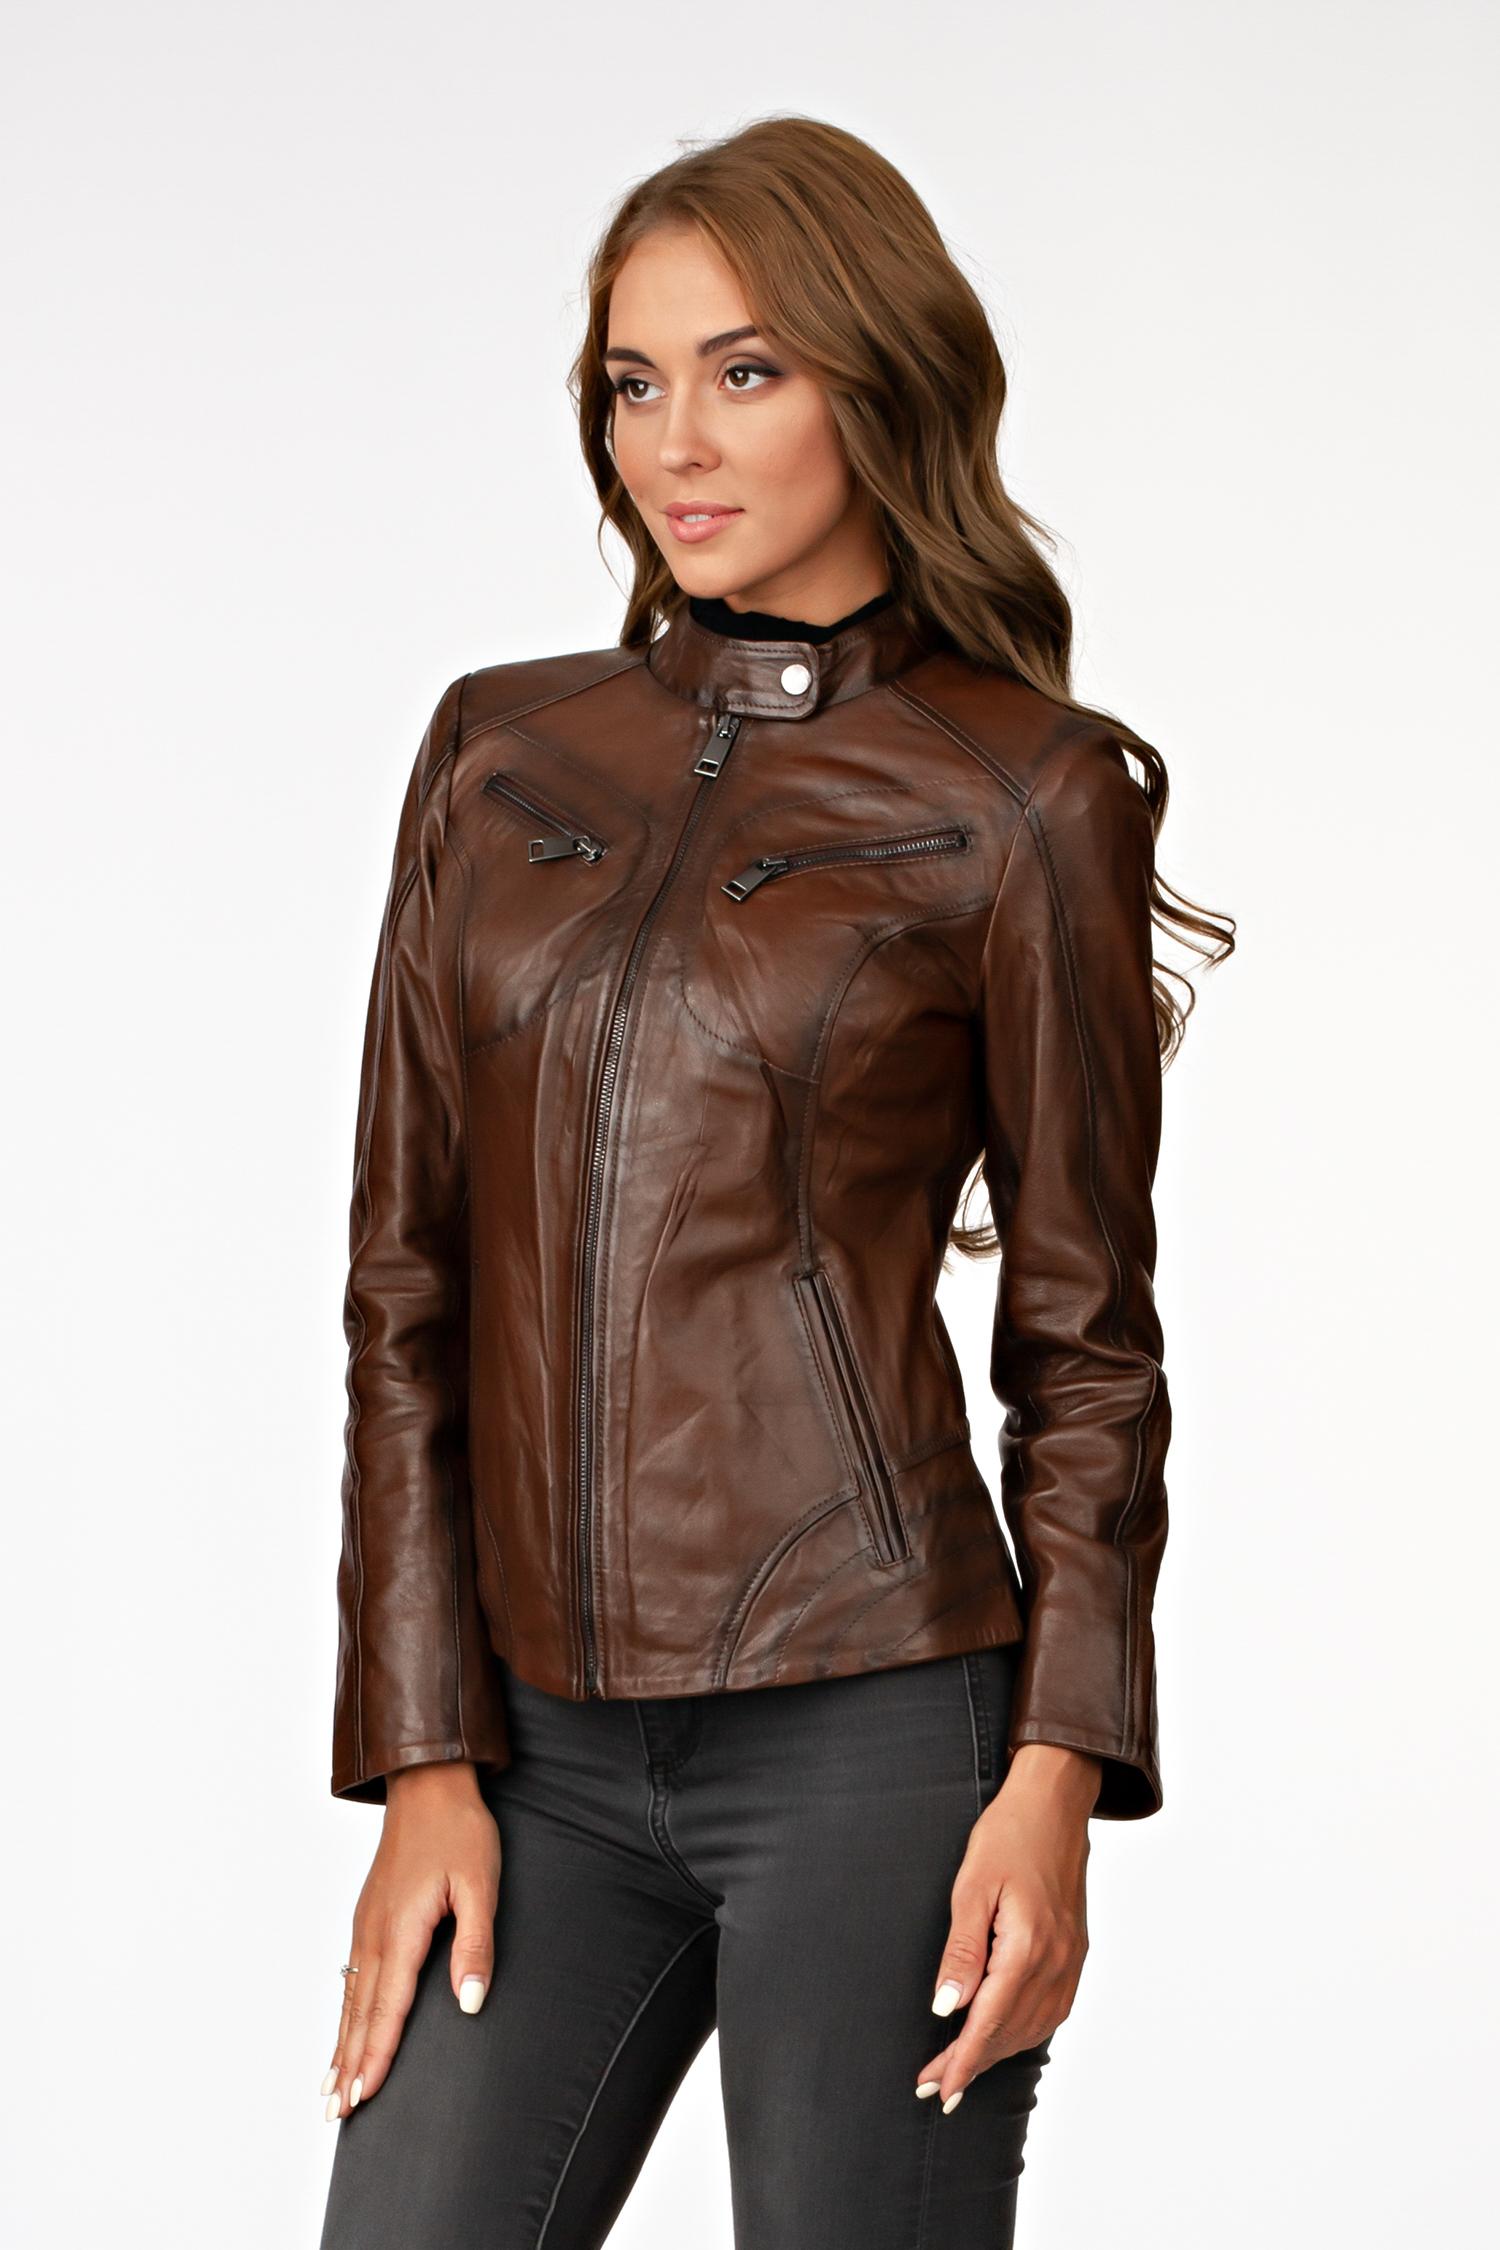 Женская кожаная куртка из натуральной кожи с воротником, без отделки МОСМЕХА